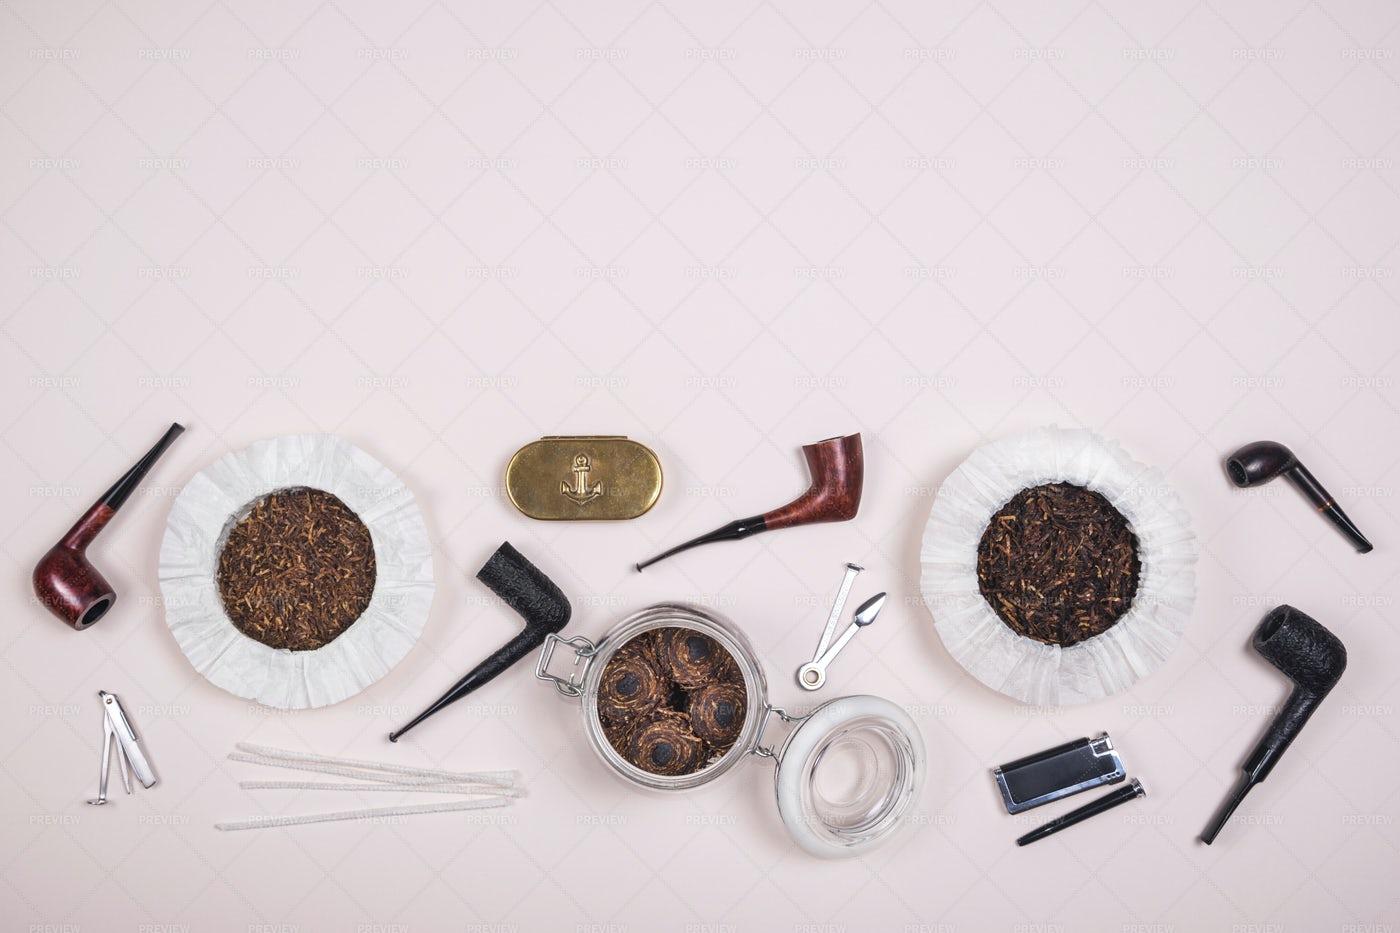 Smoking Pipes: Stock Photos